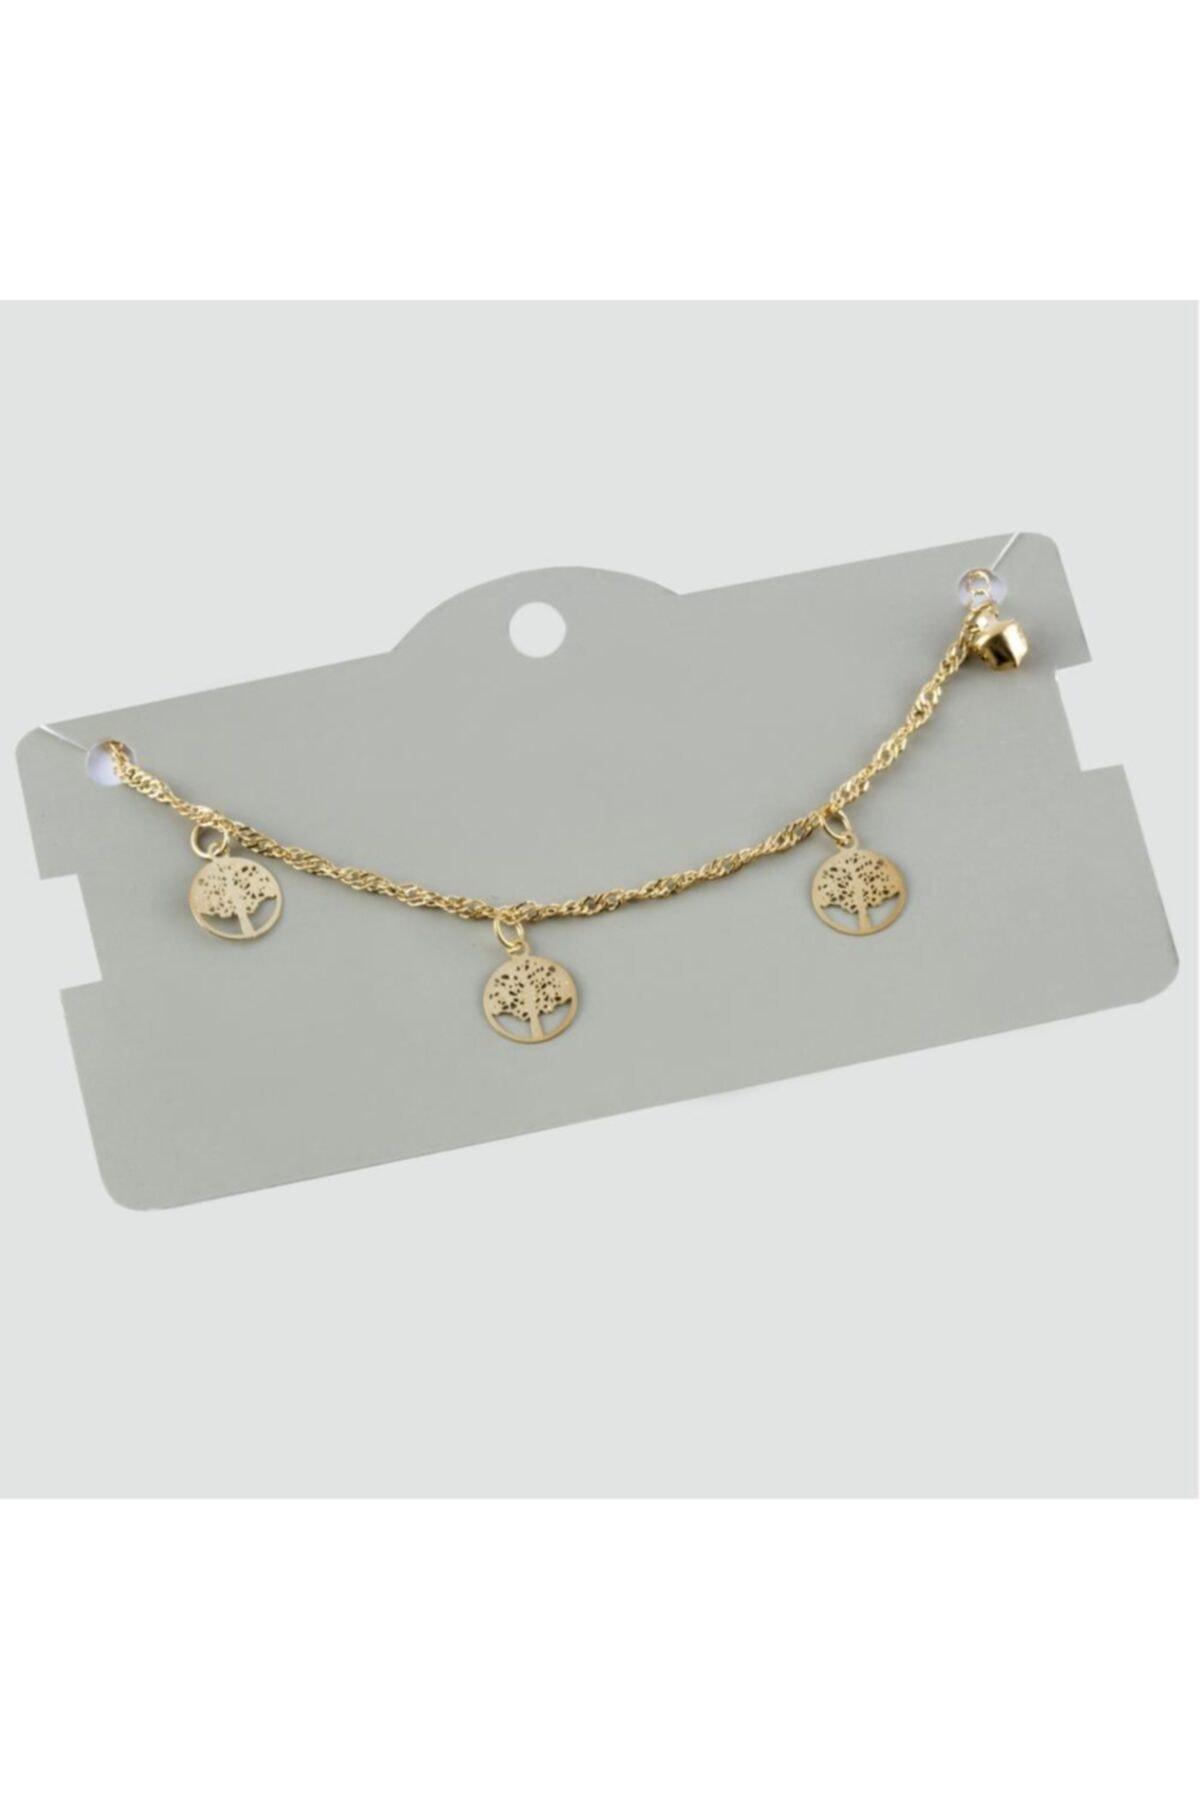 پابند زنانه مارک دار برند AllaPulla رنگ طلایی ty106938316